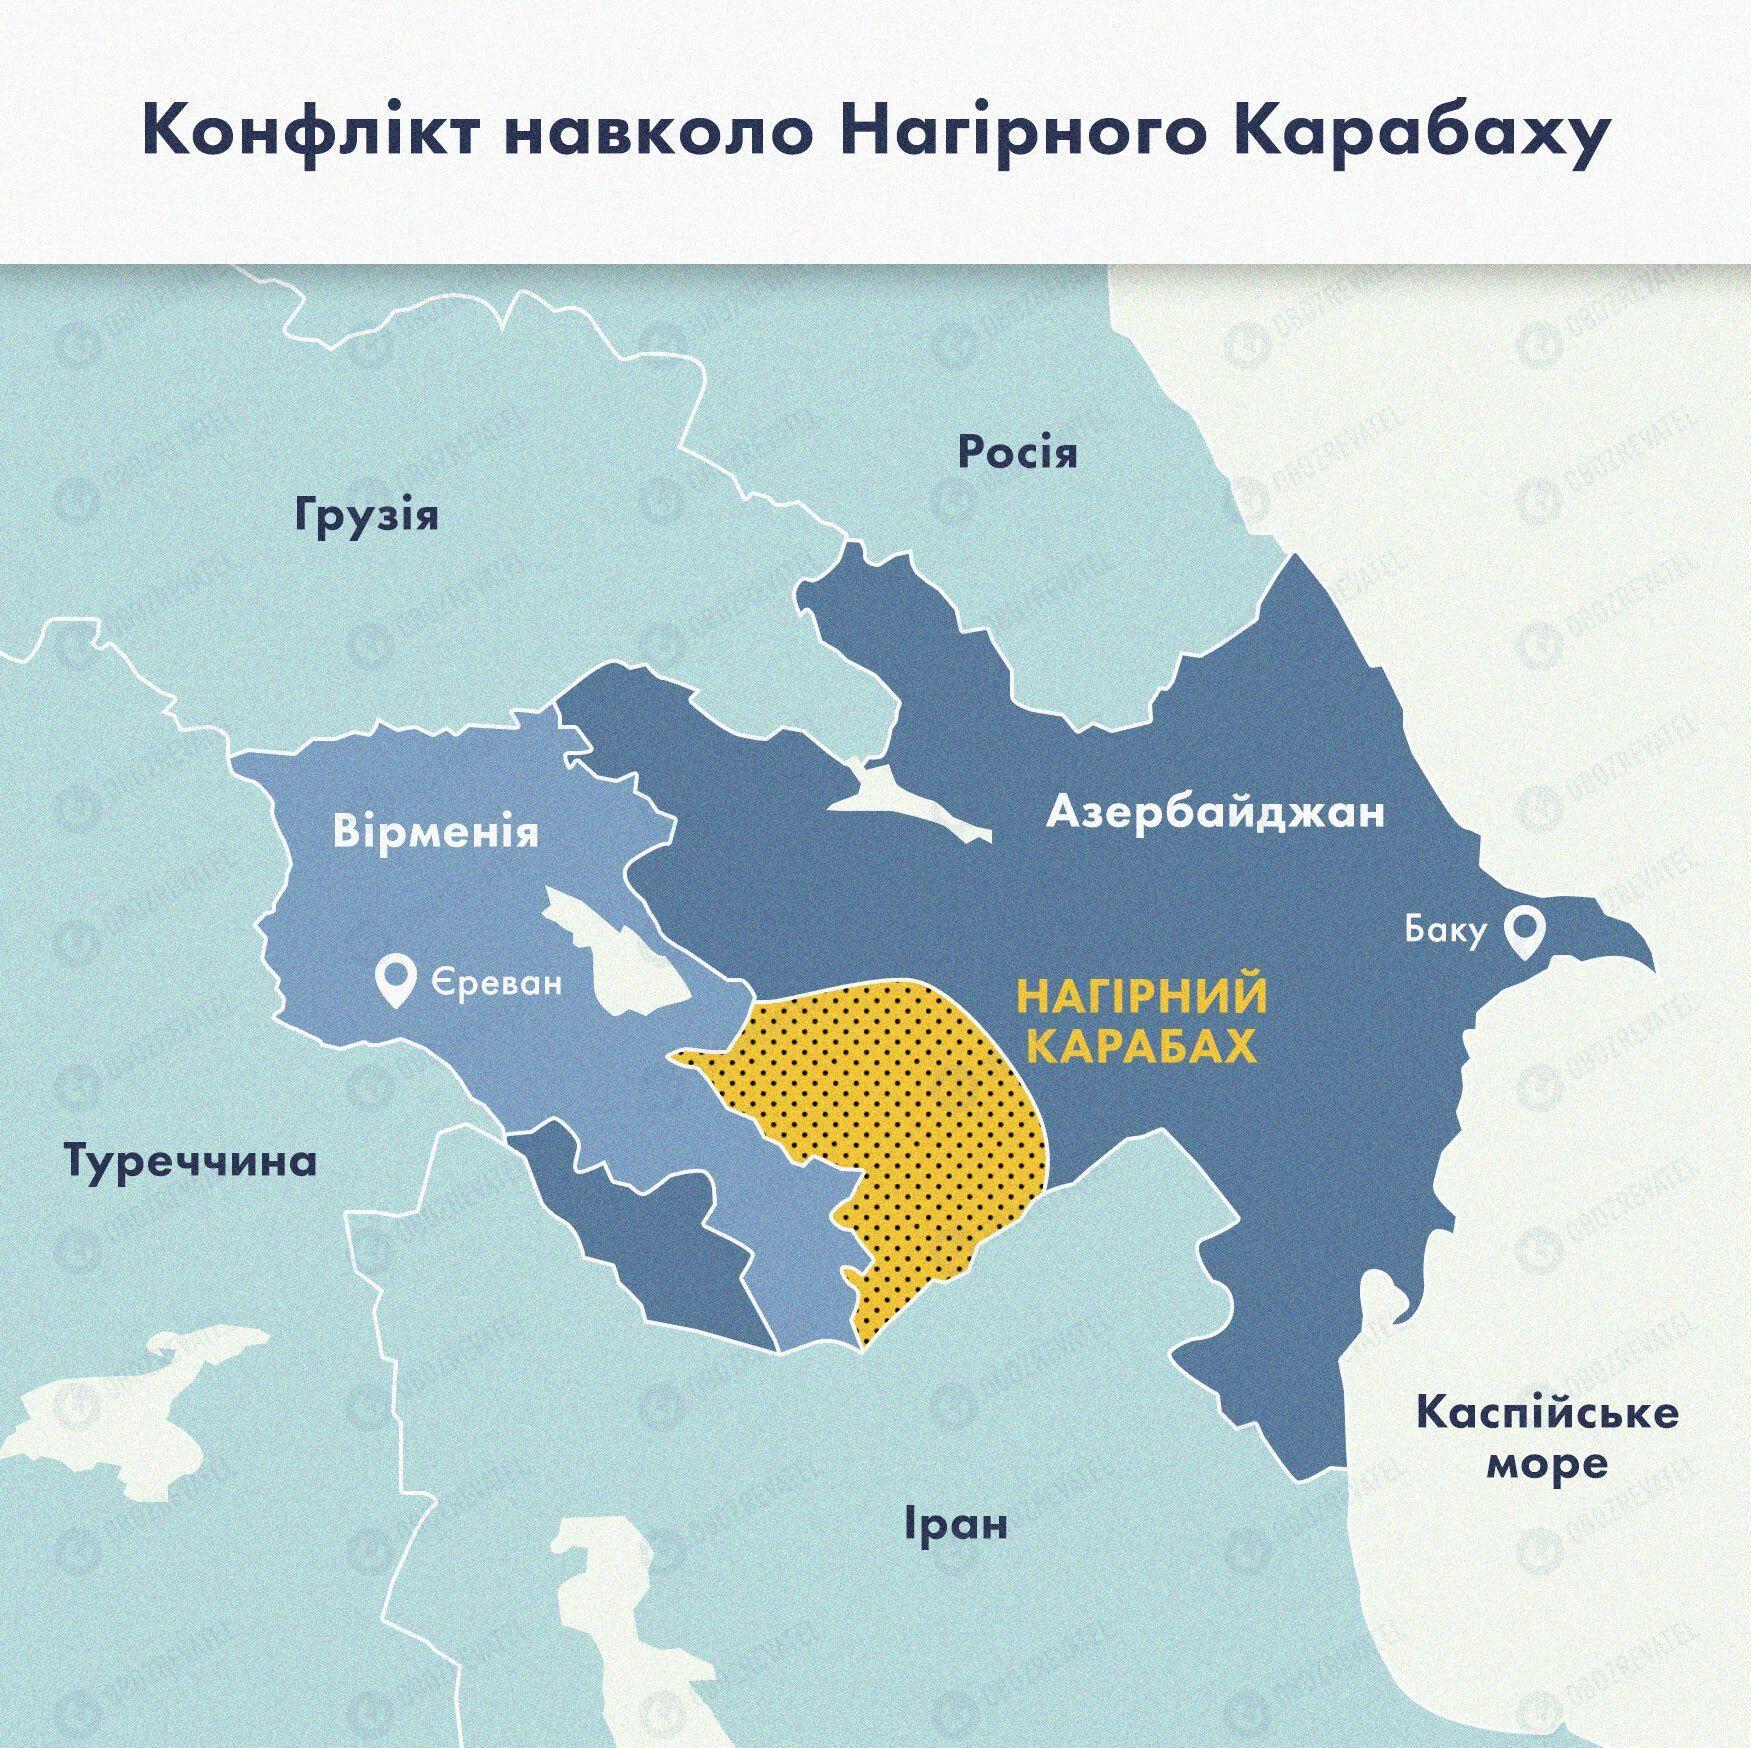 Карта военного конфликта вокруг Карабаха.